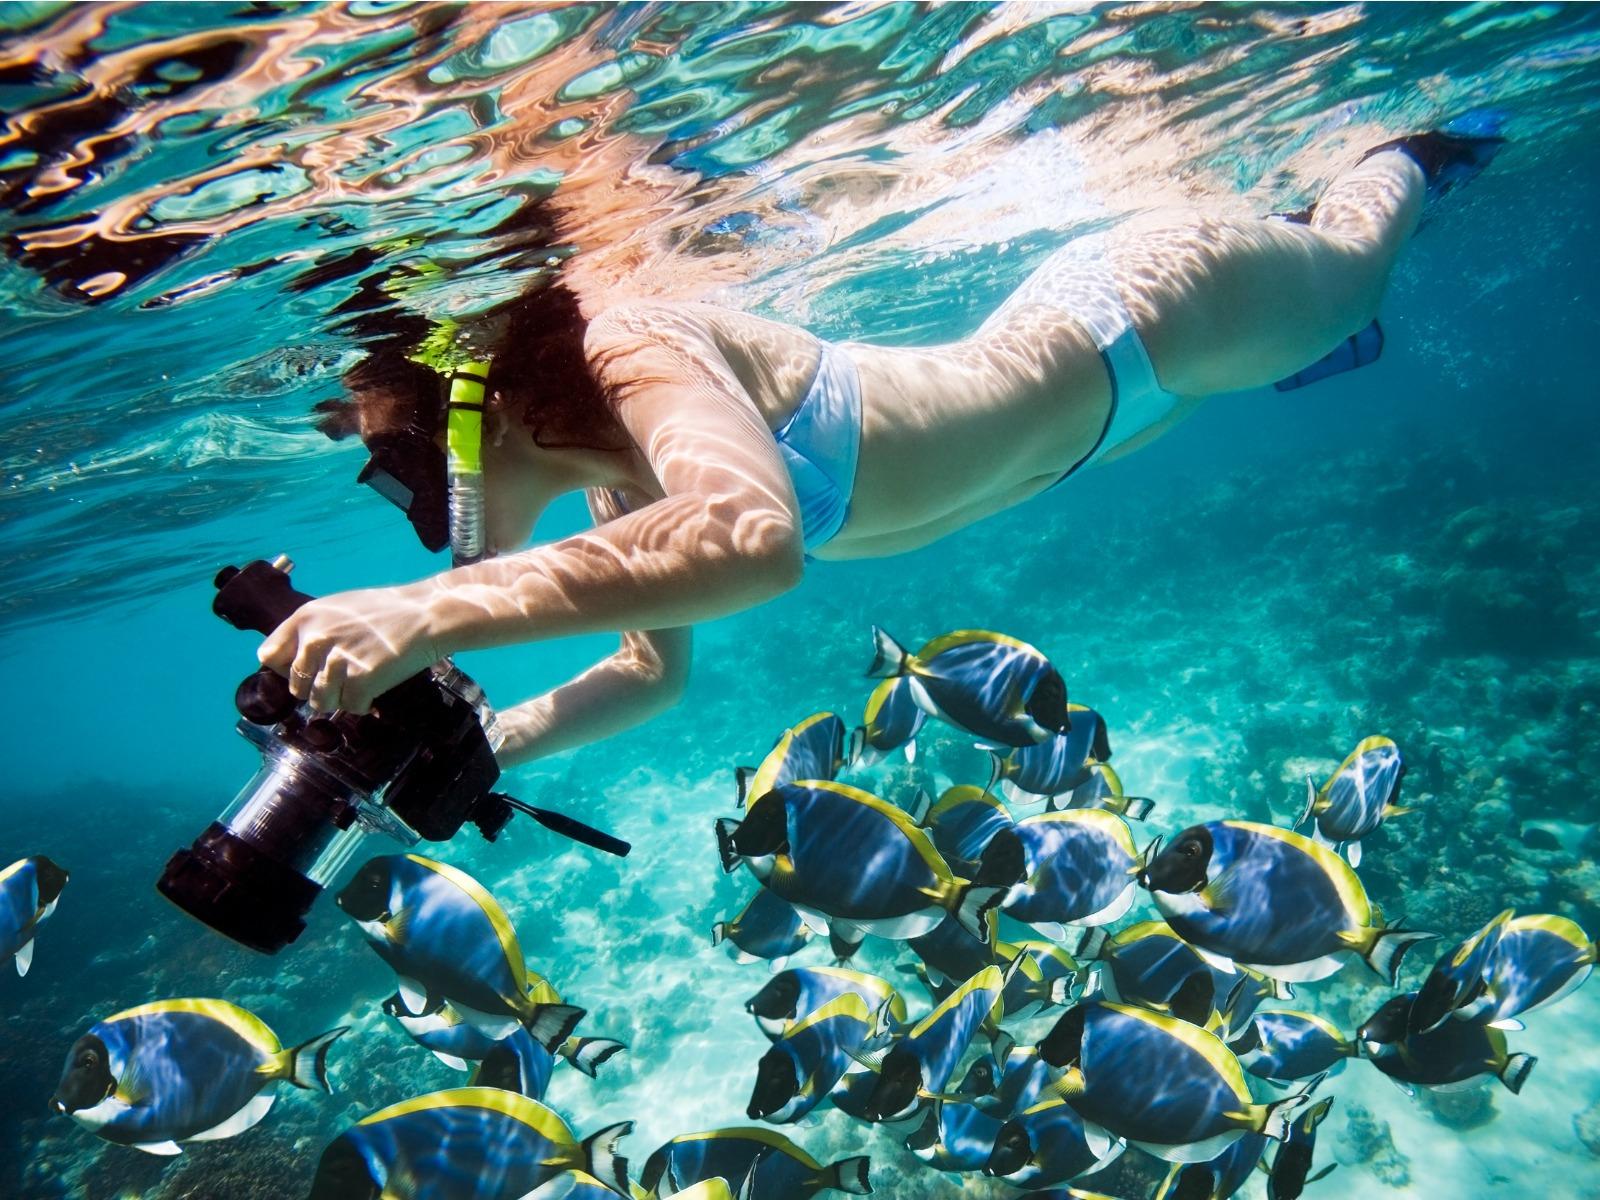 おすすめの防水カメラ9選!完全防水モデルや子ども向けトイカメラを紹介